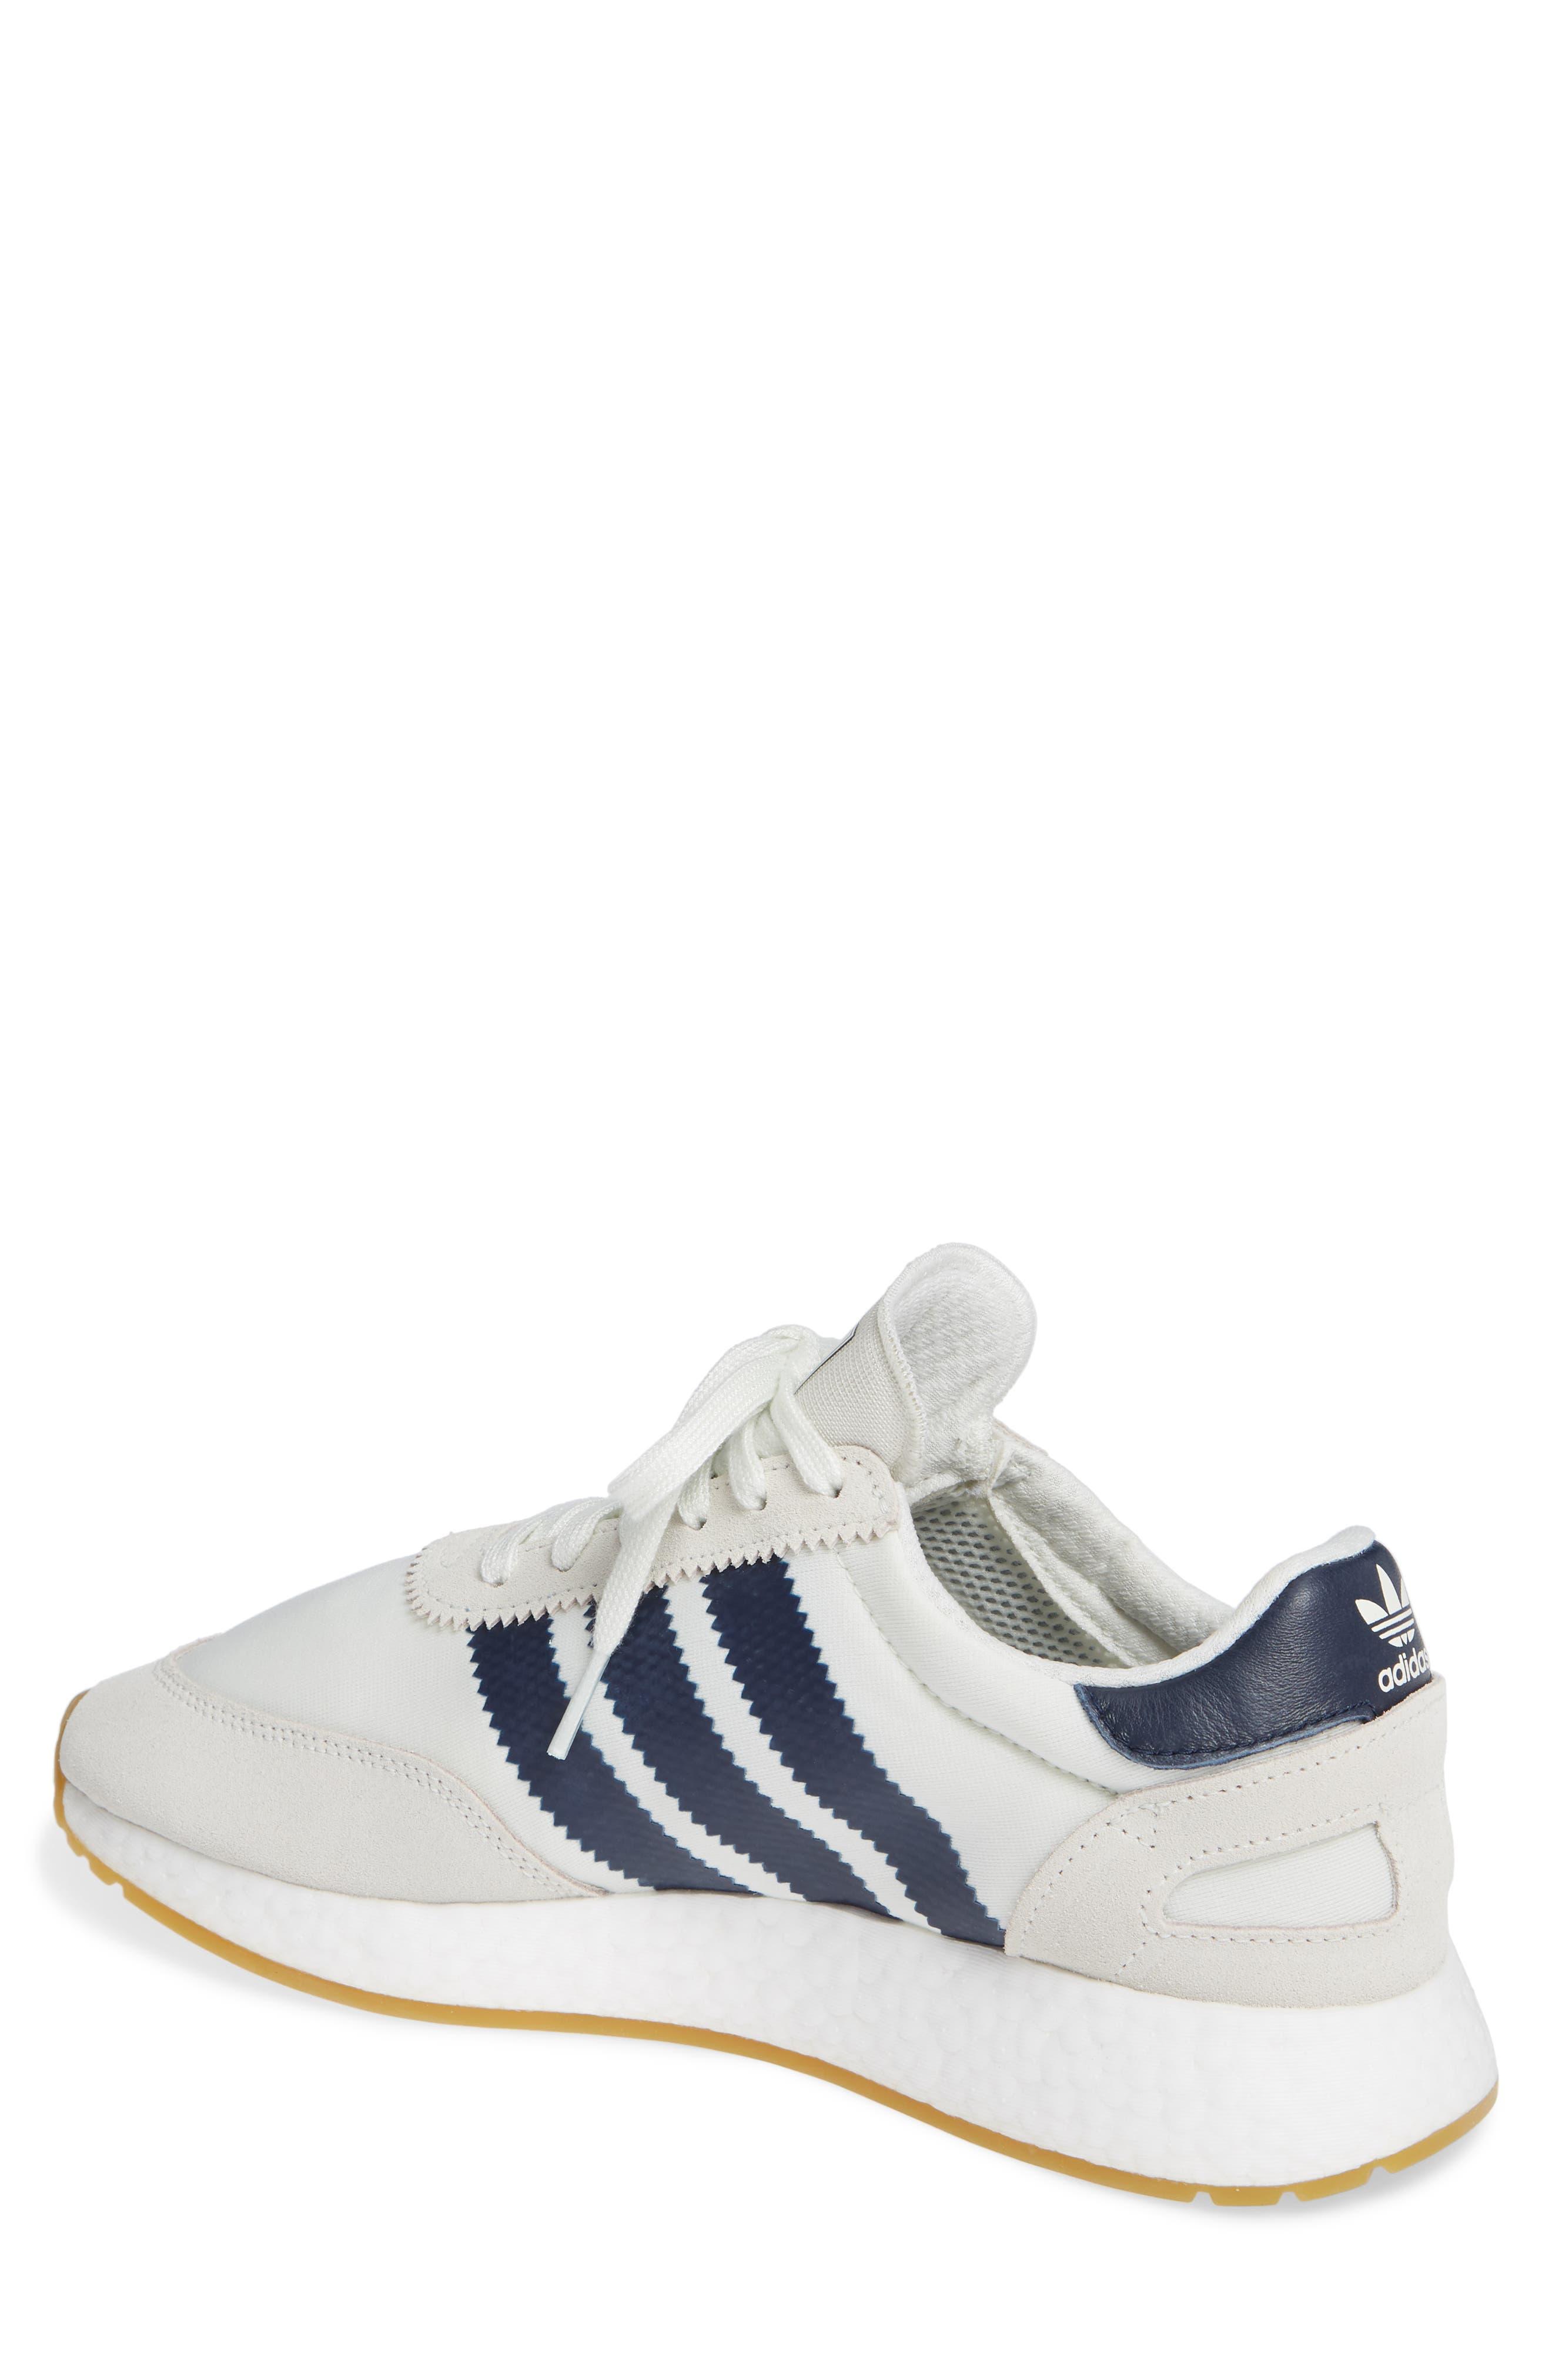 I-5923 Sneaker,                             Alternate thumbnail 2, color,                             WHITE/ GREY/ GUM